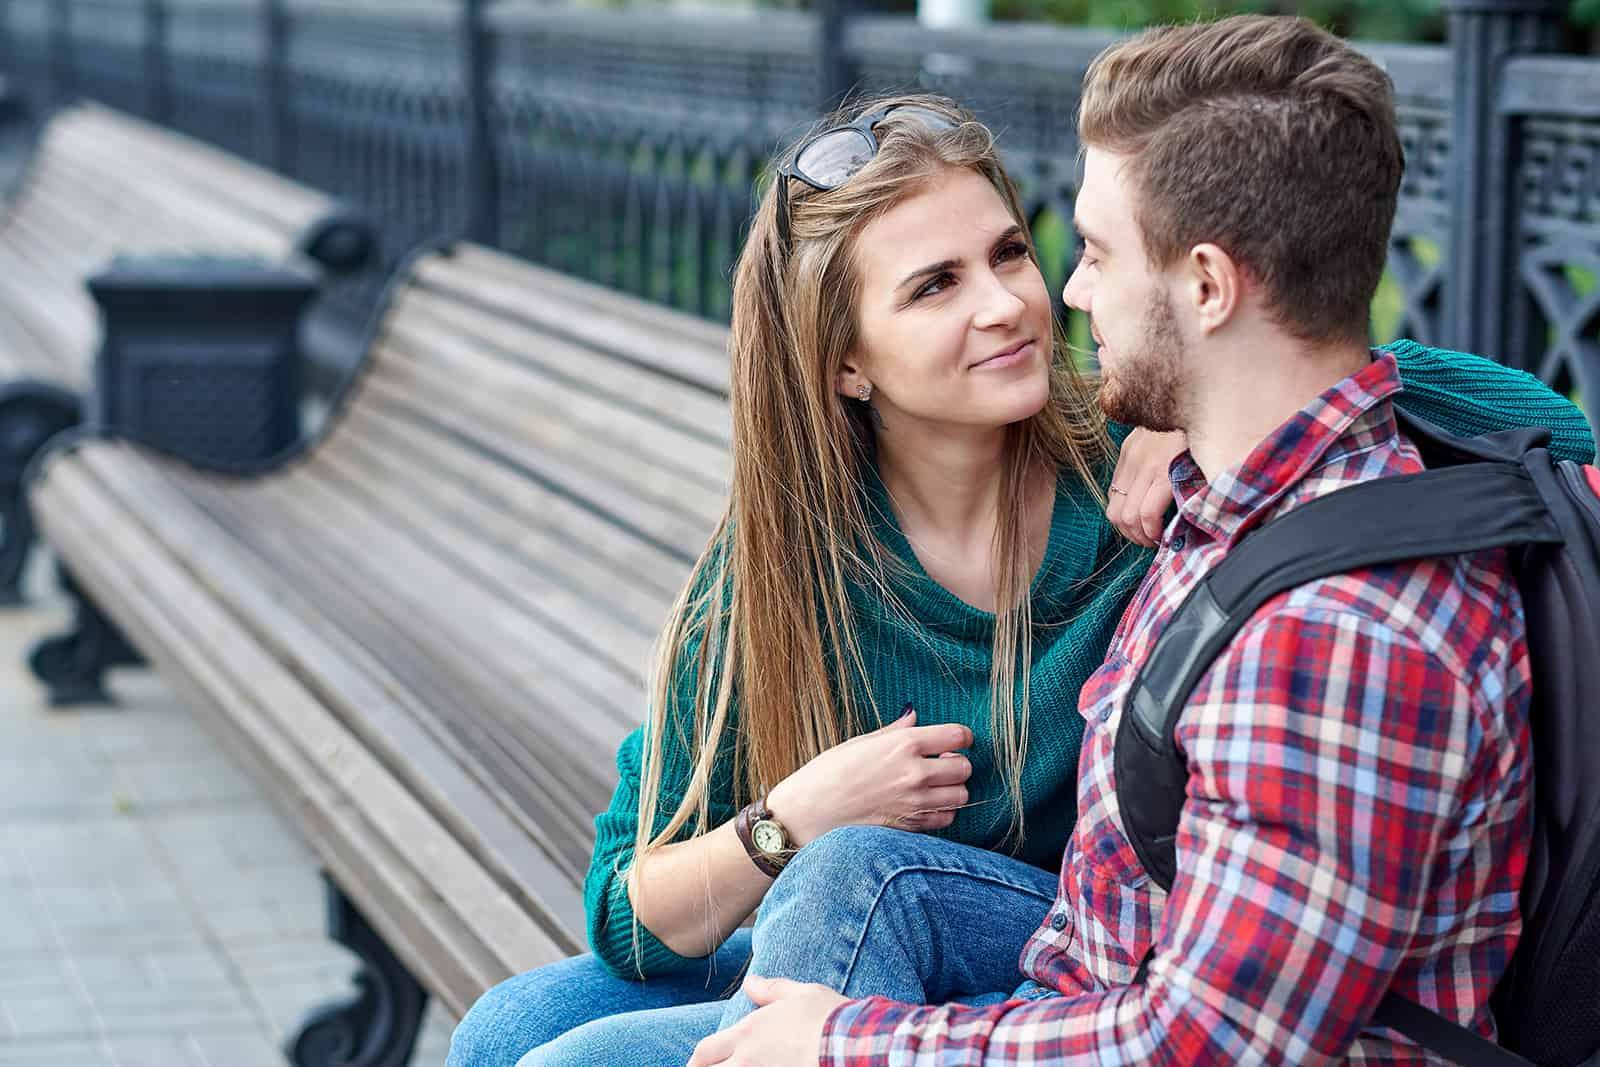 ein liebendes Paar sitzt auf der Bank